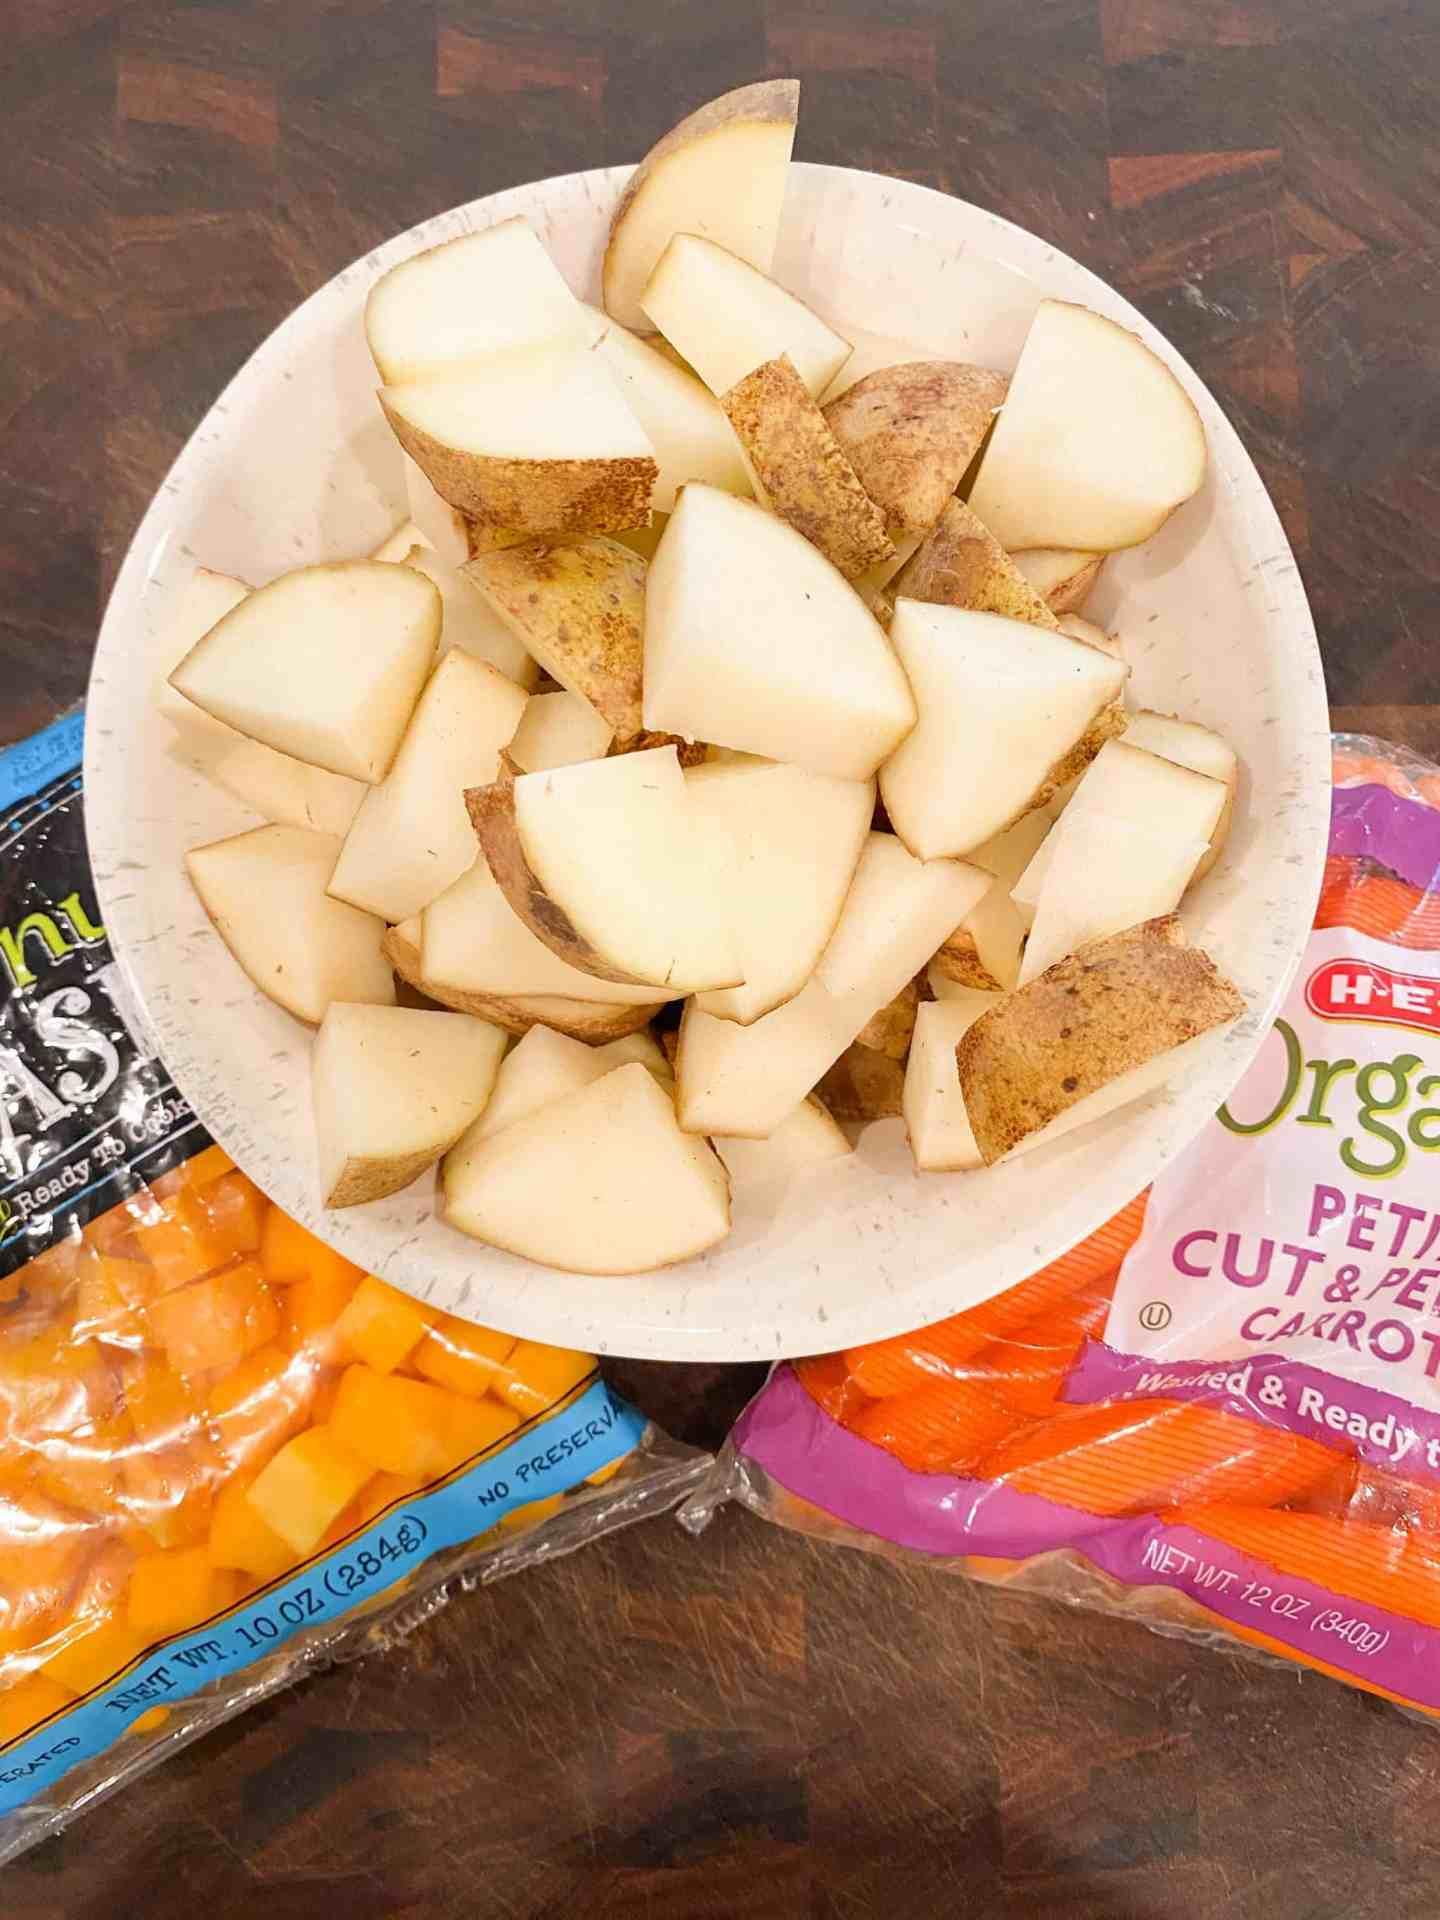 Russet-potato-cubed